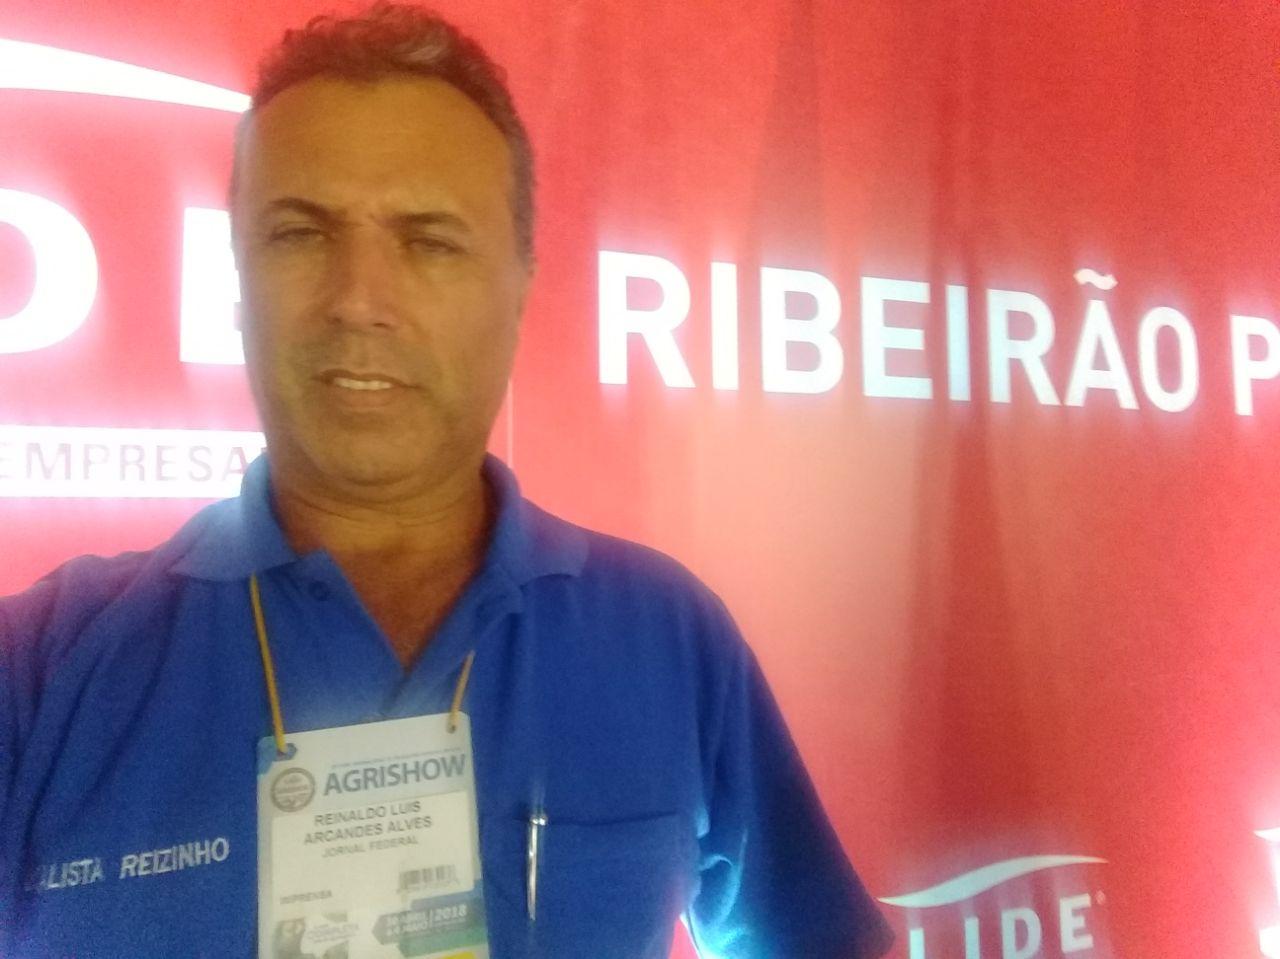 Lide_Ribeirão_Reizinho_Publicitário_e_Jornalista